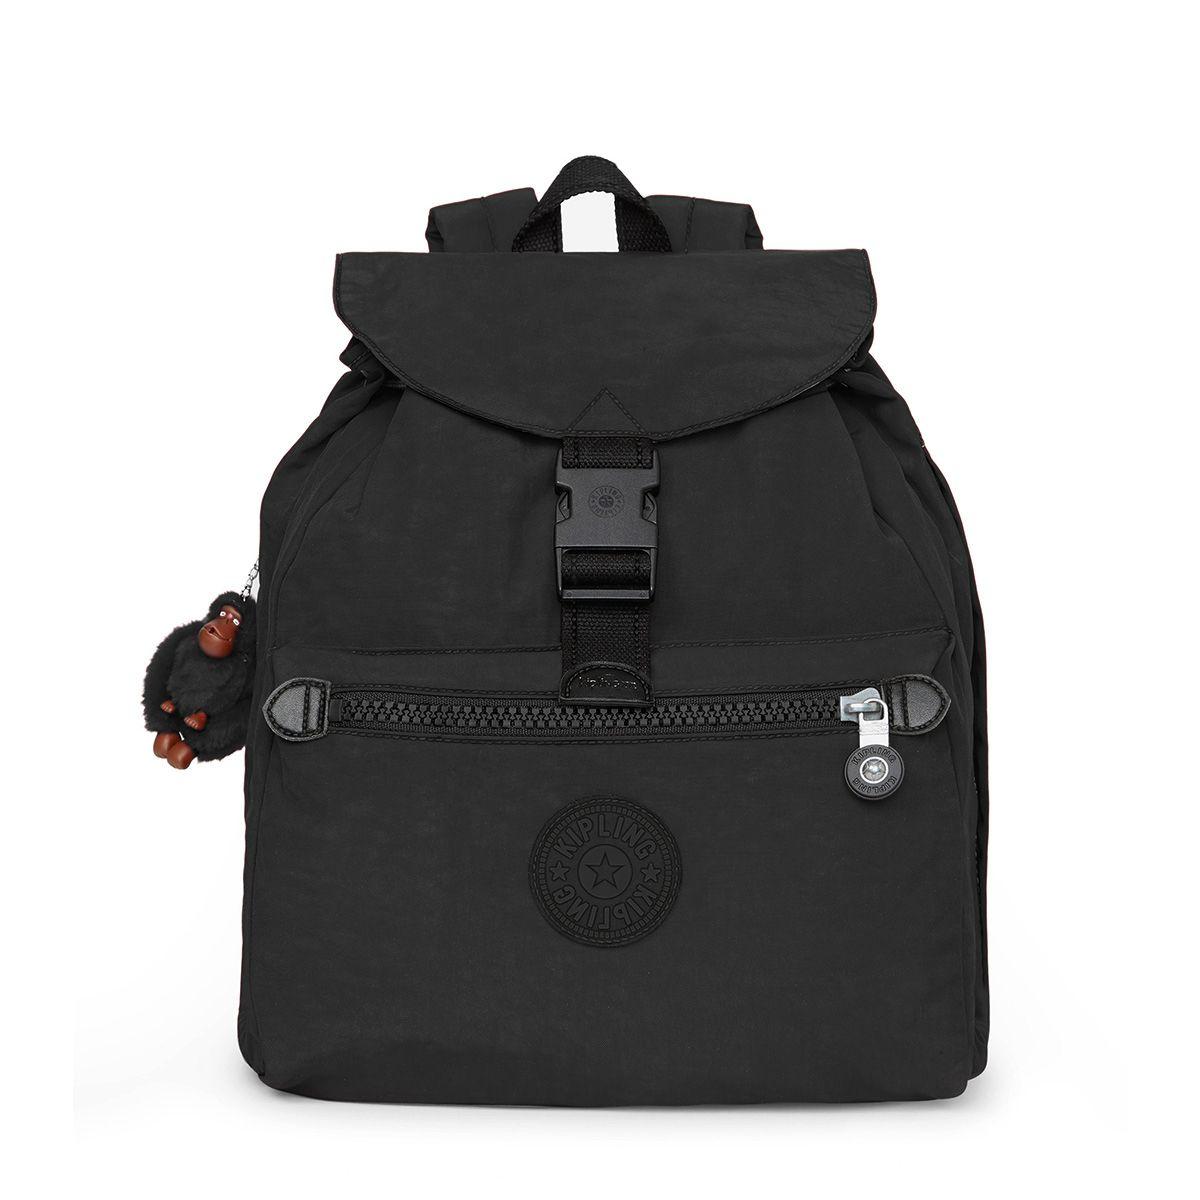 c326d20375 Backpacks. Backpacks · Best sellers